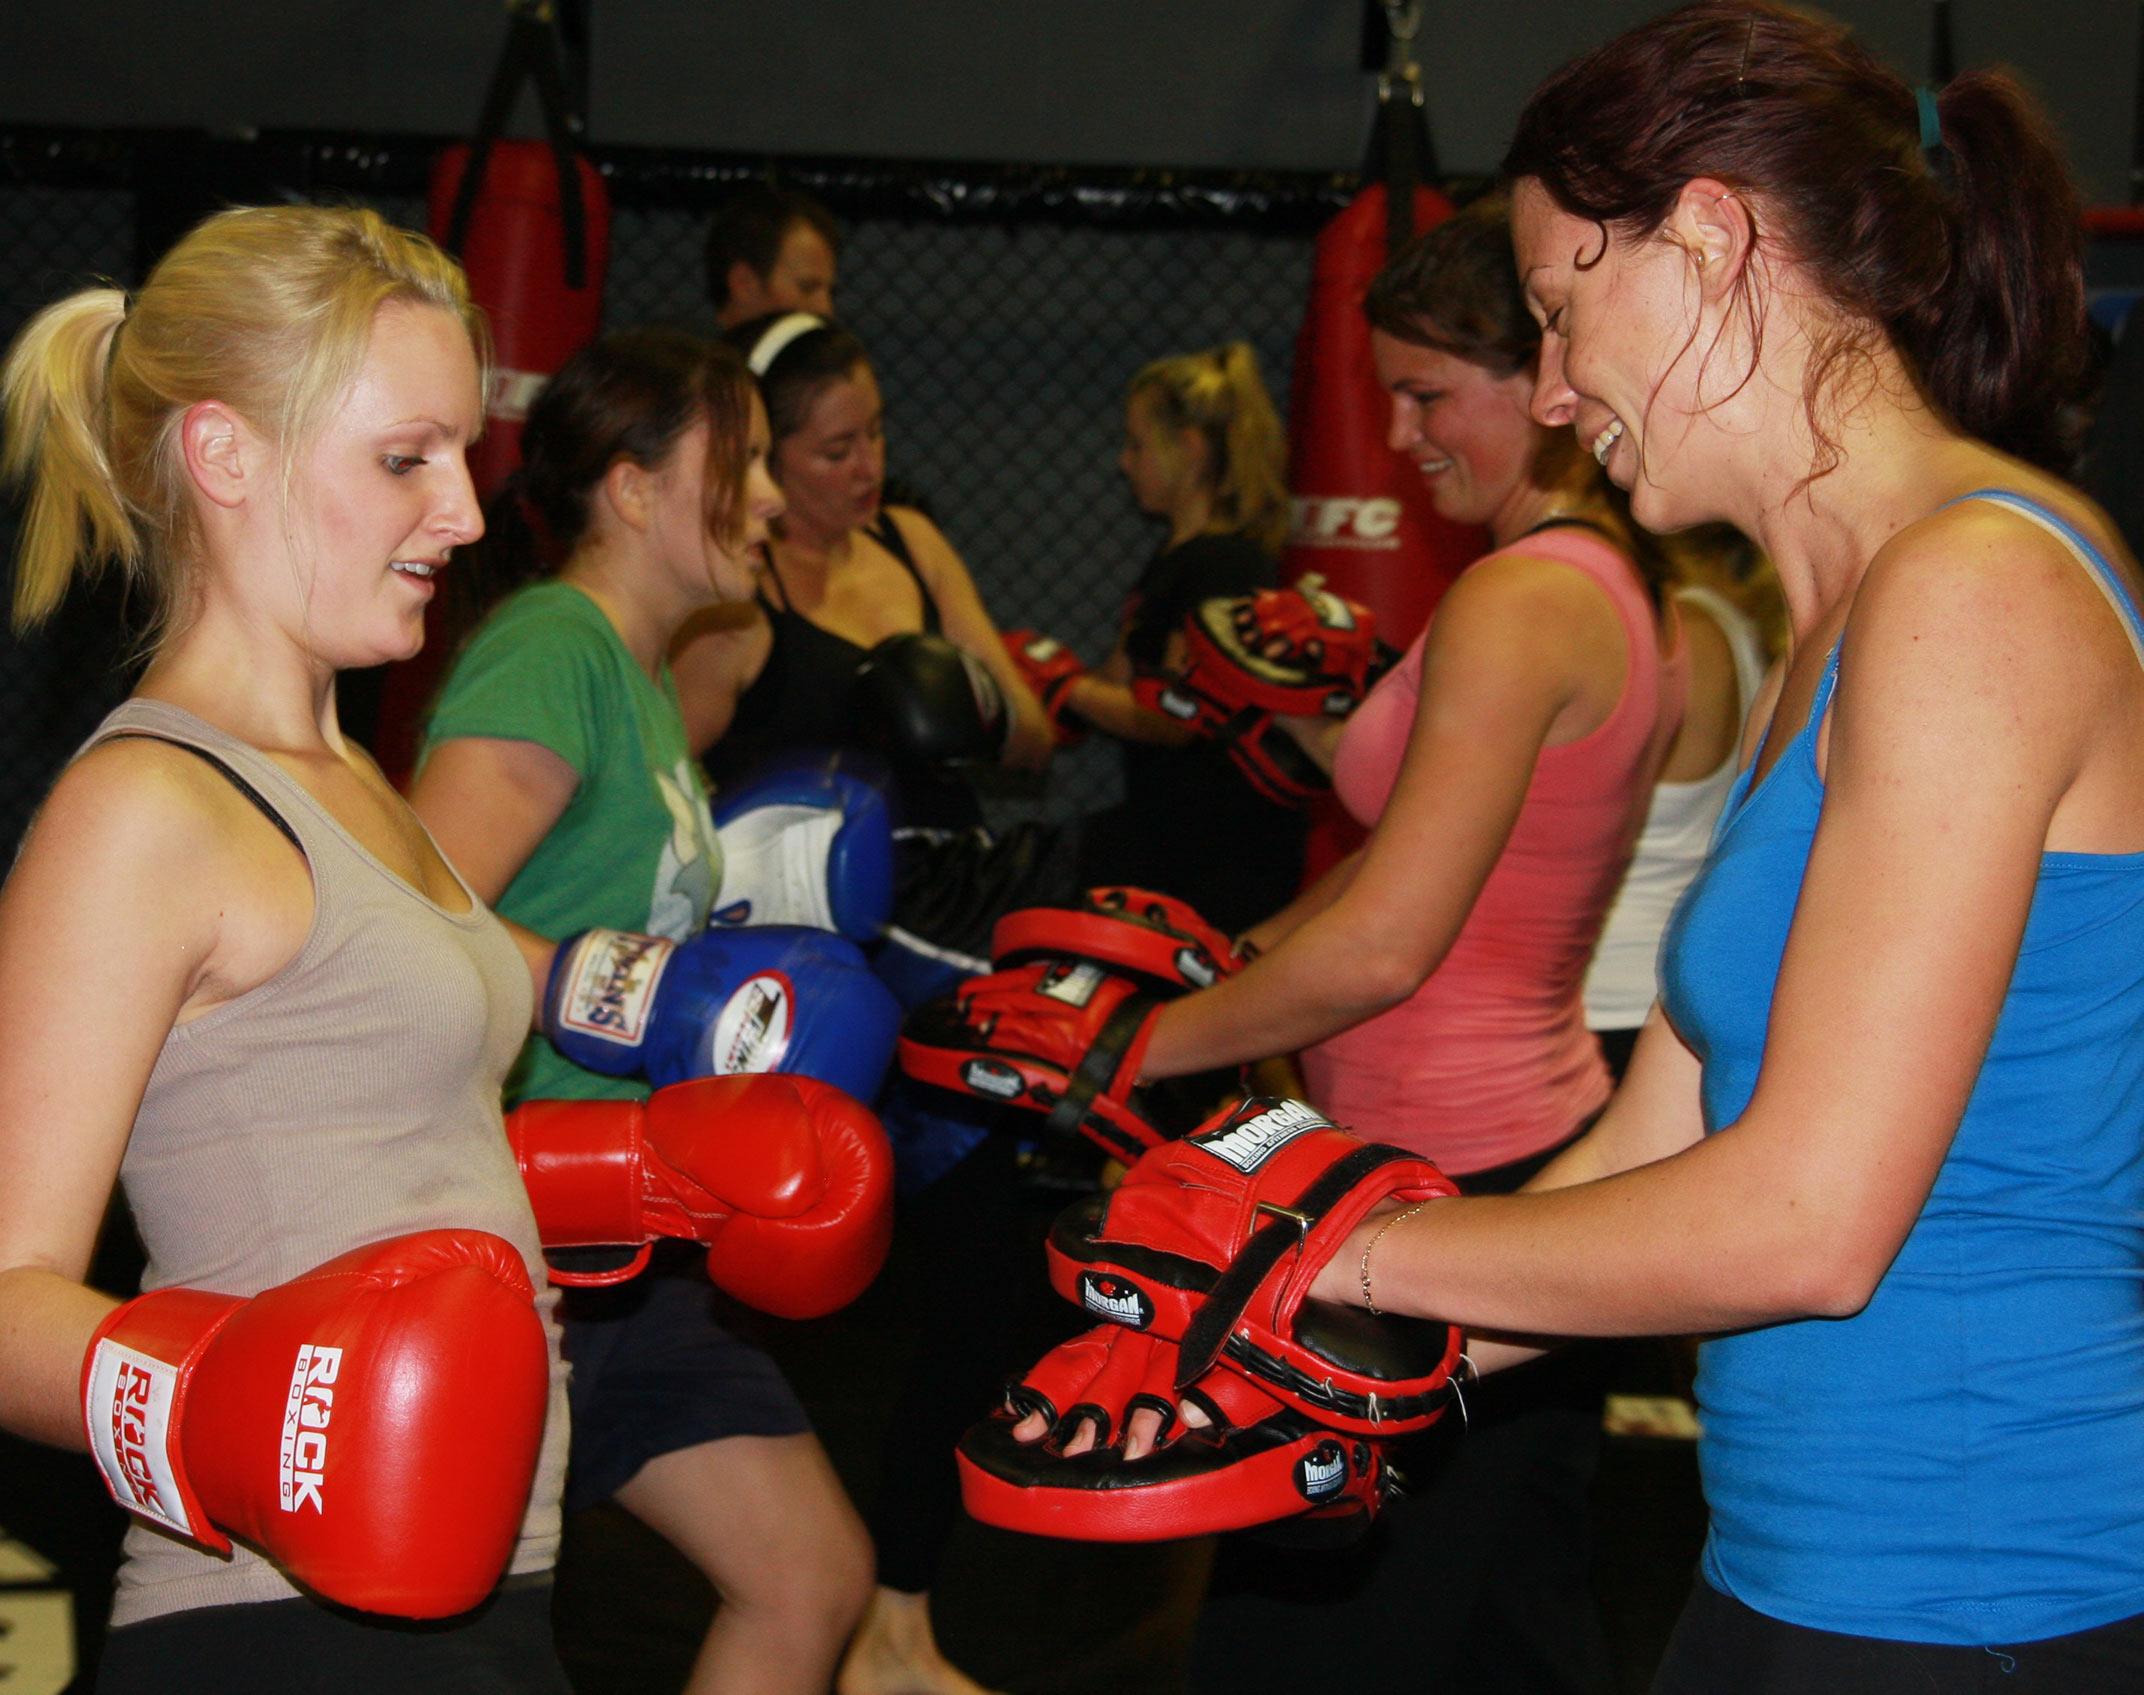 women's boxing class